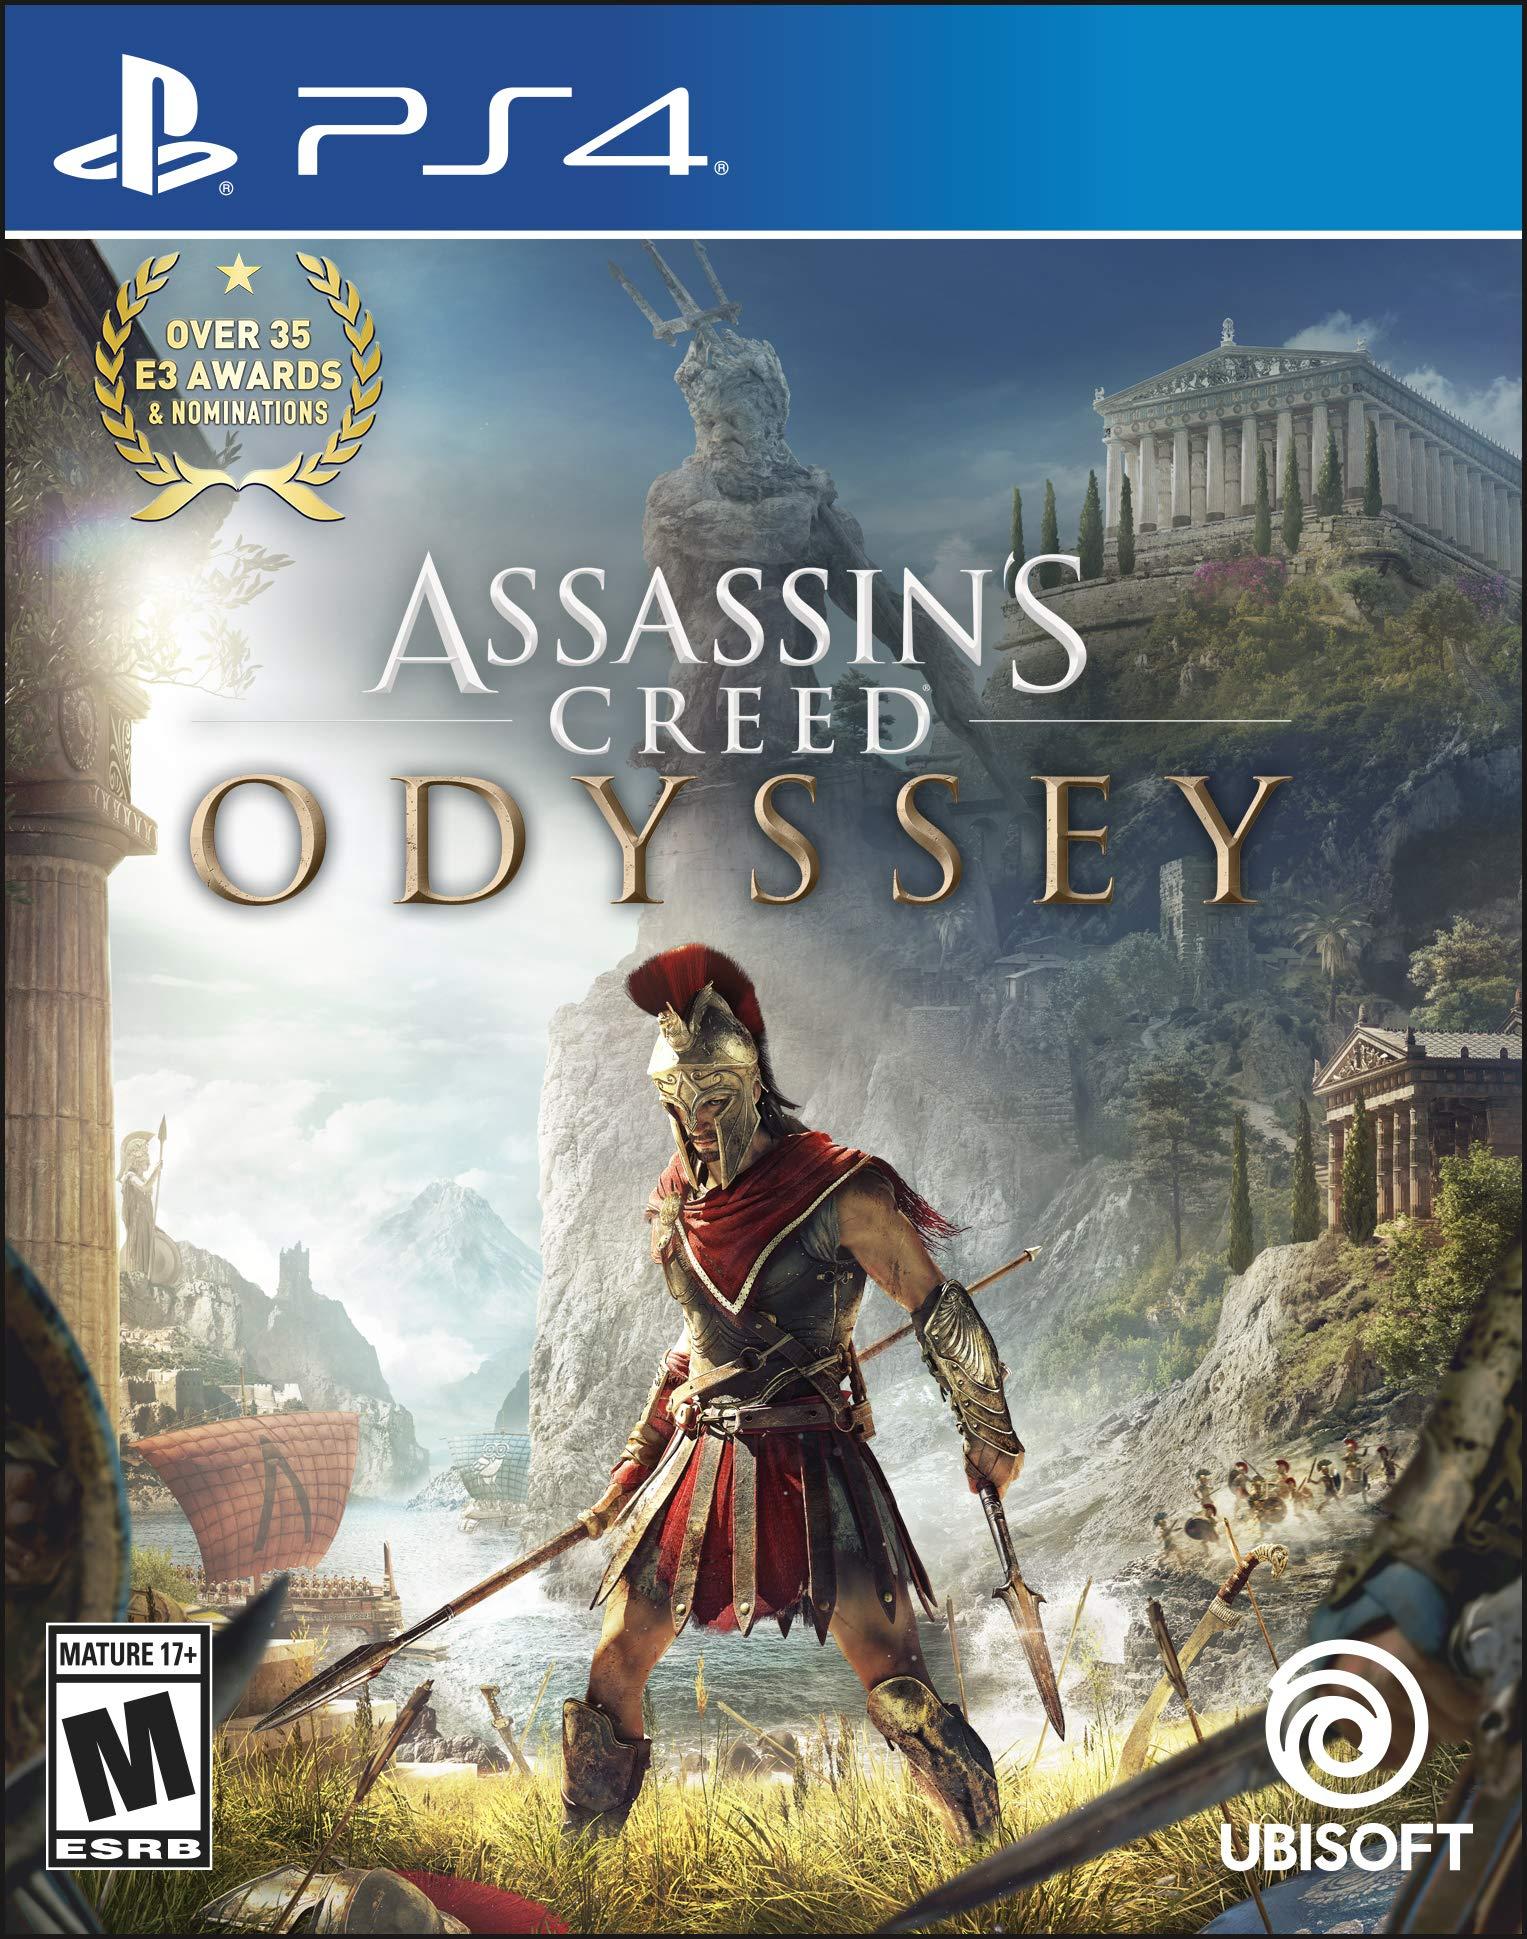 Assassin's Creed Odyssey - Edición estándar